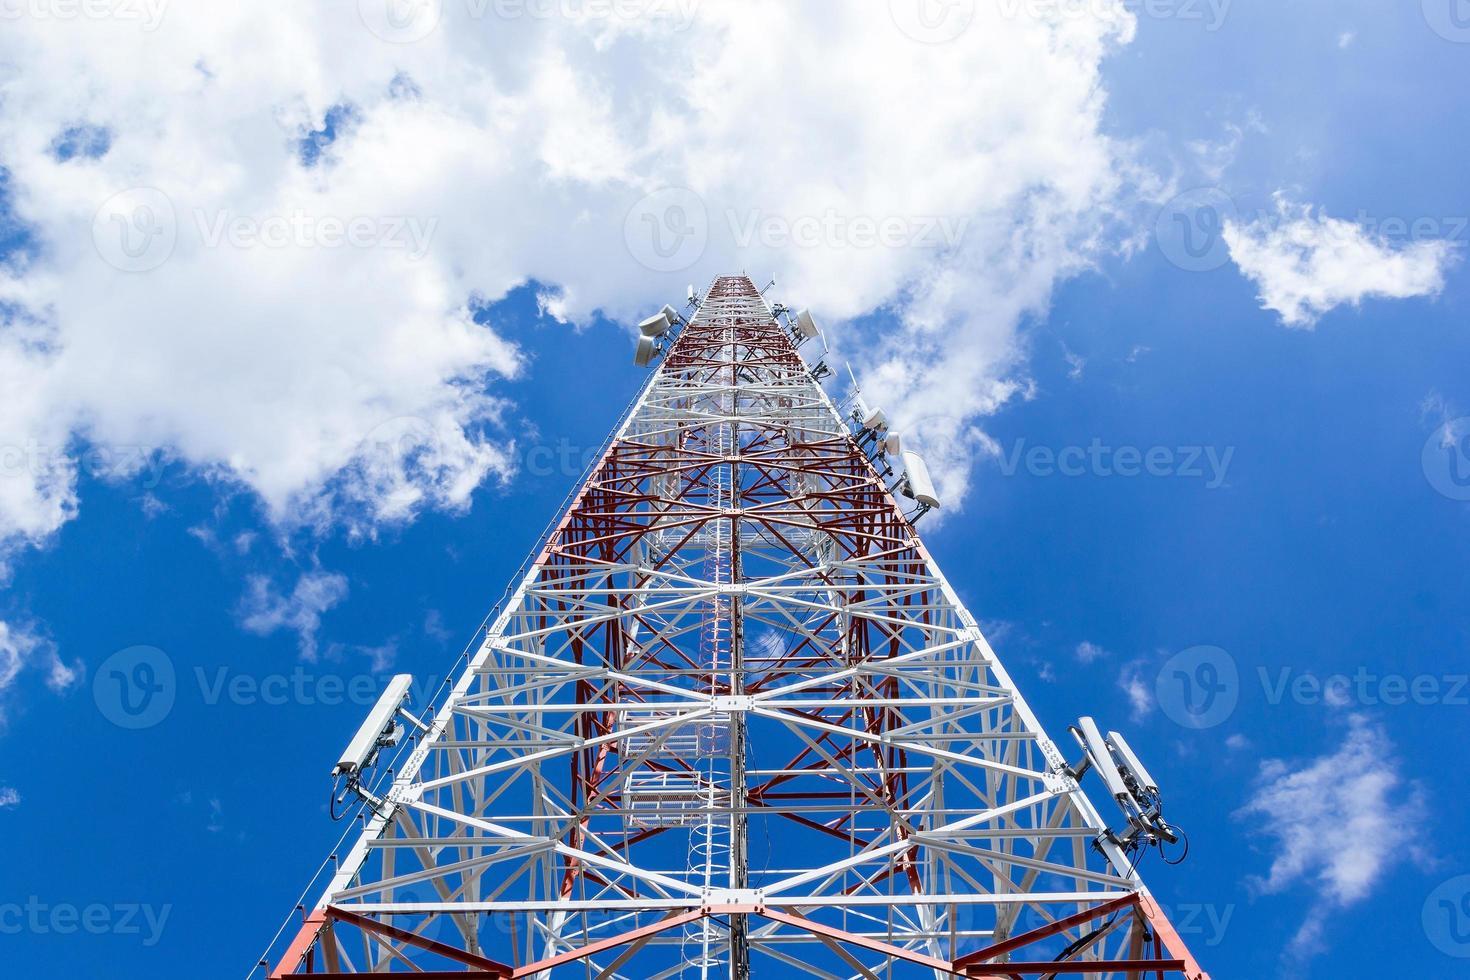 Telecommunication tower photo